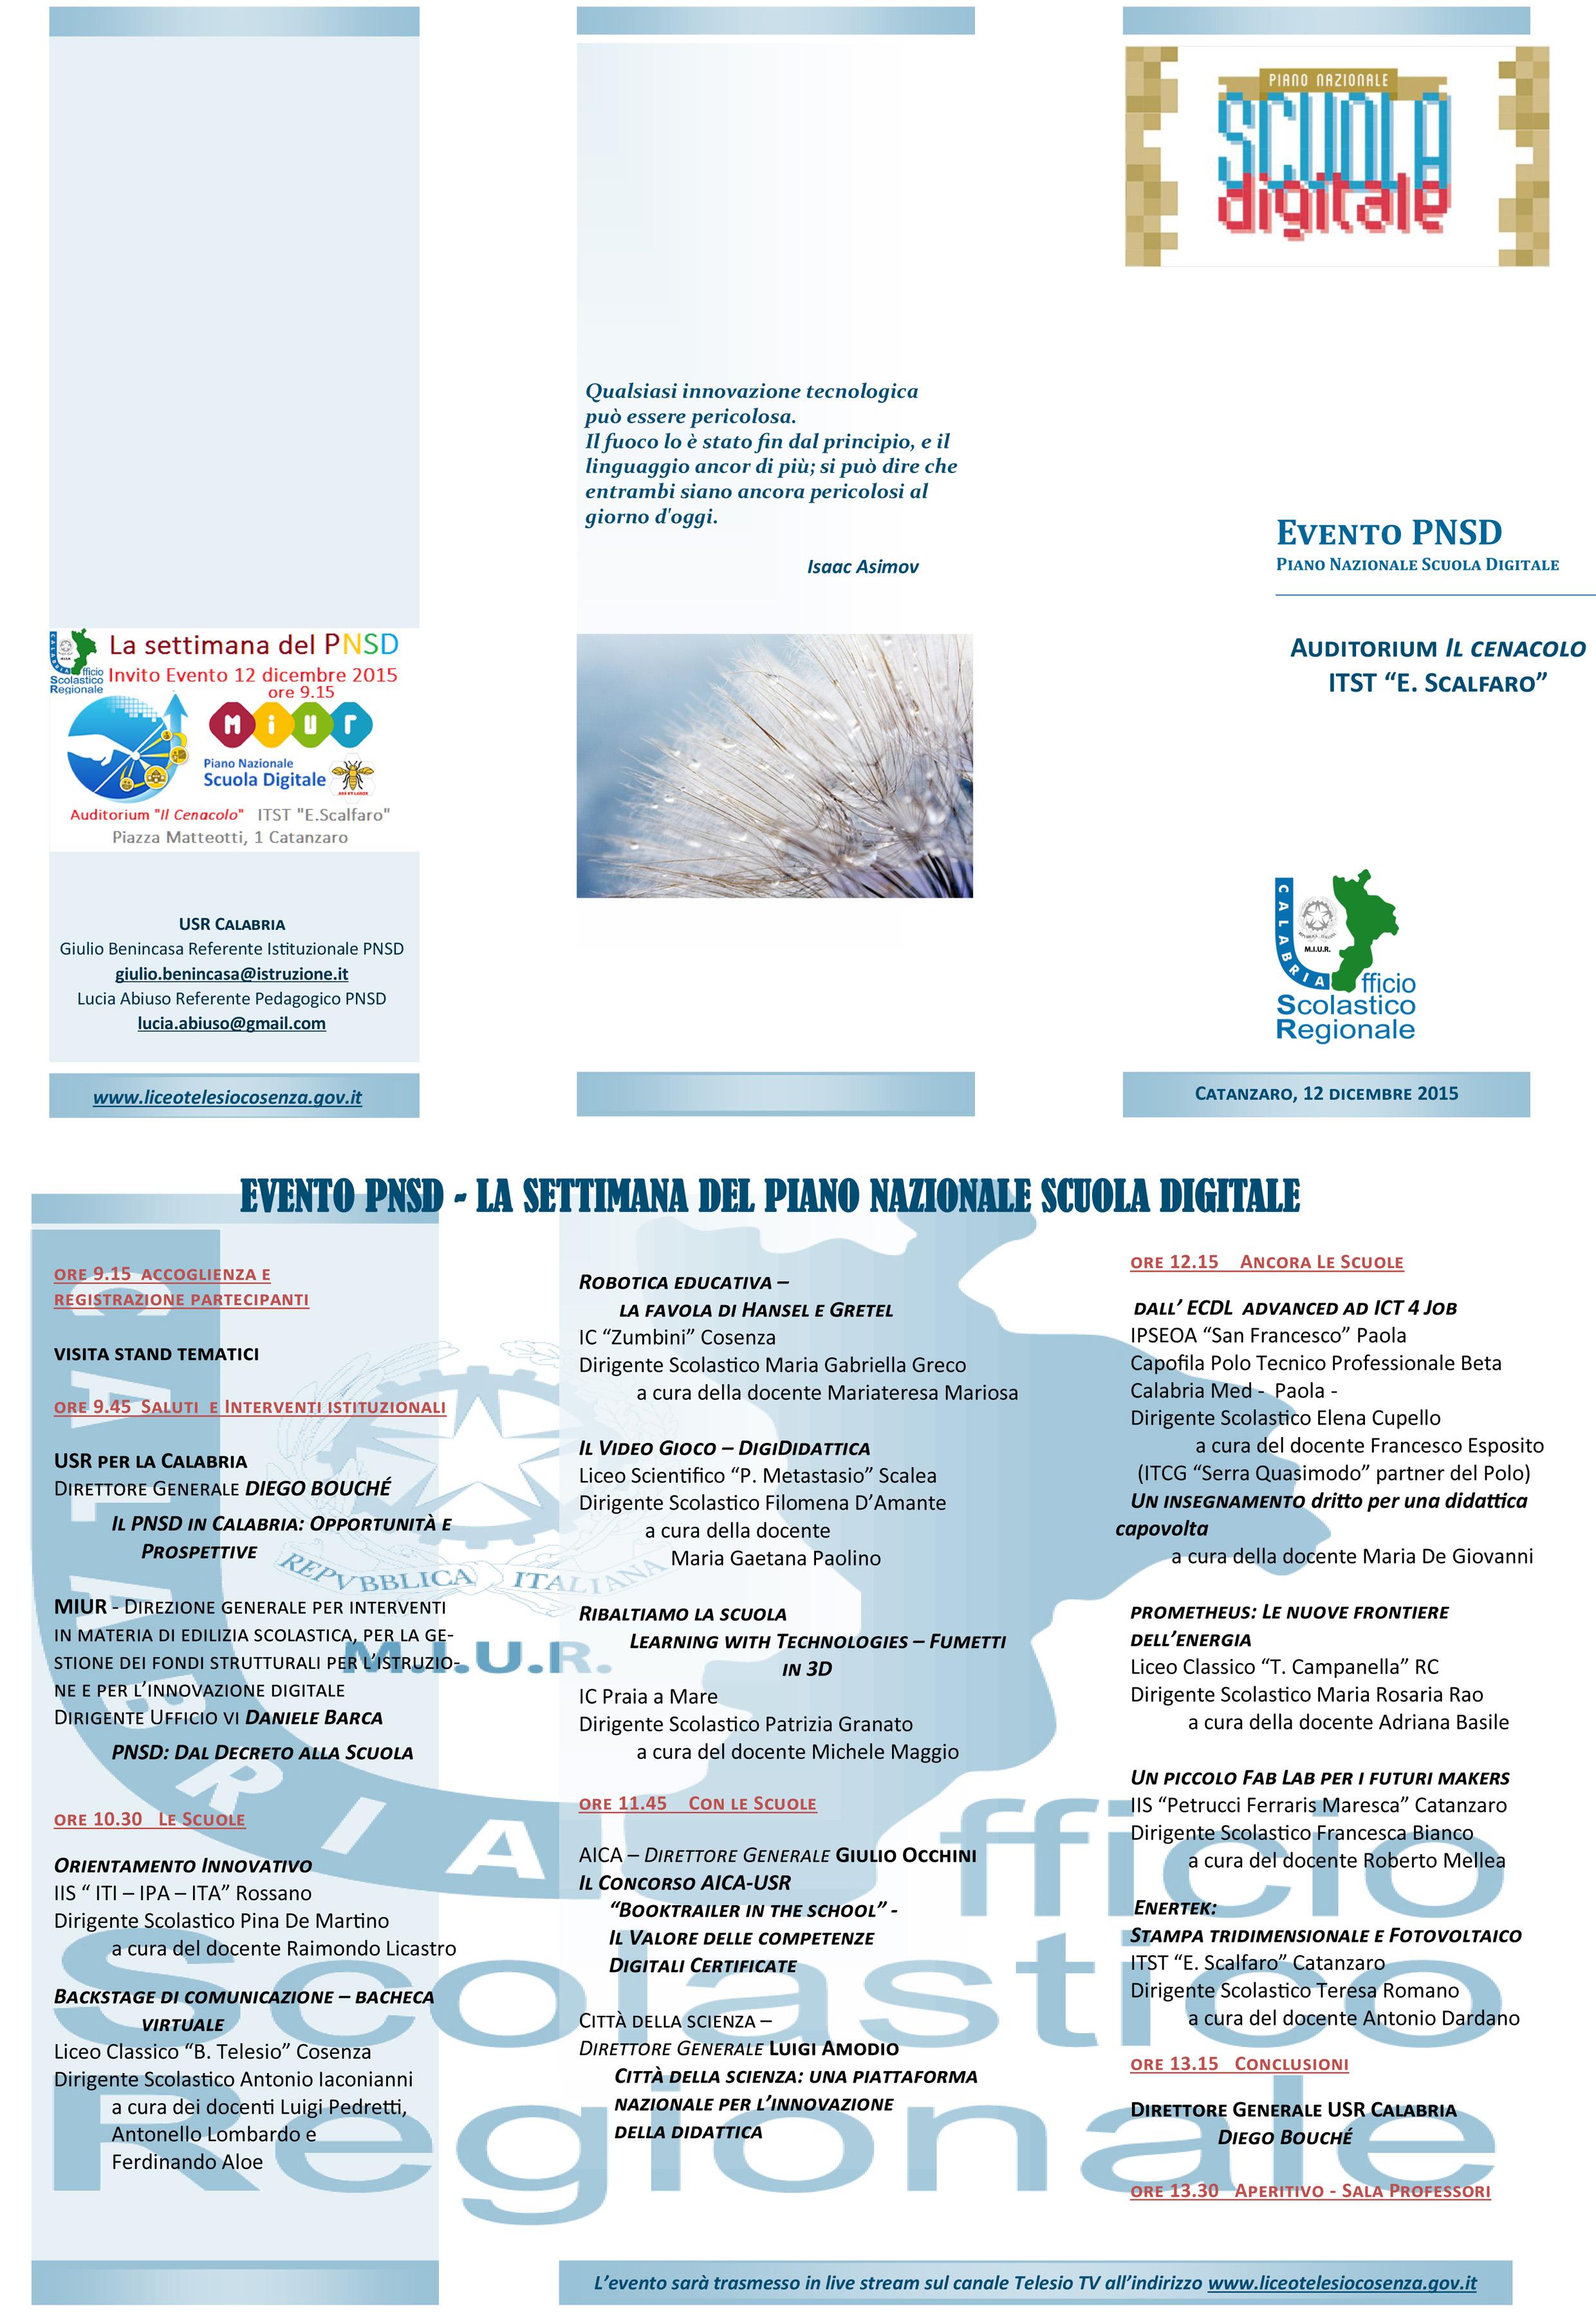 Locandina-Evento-PNSD